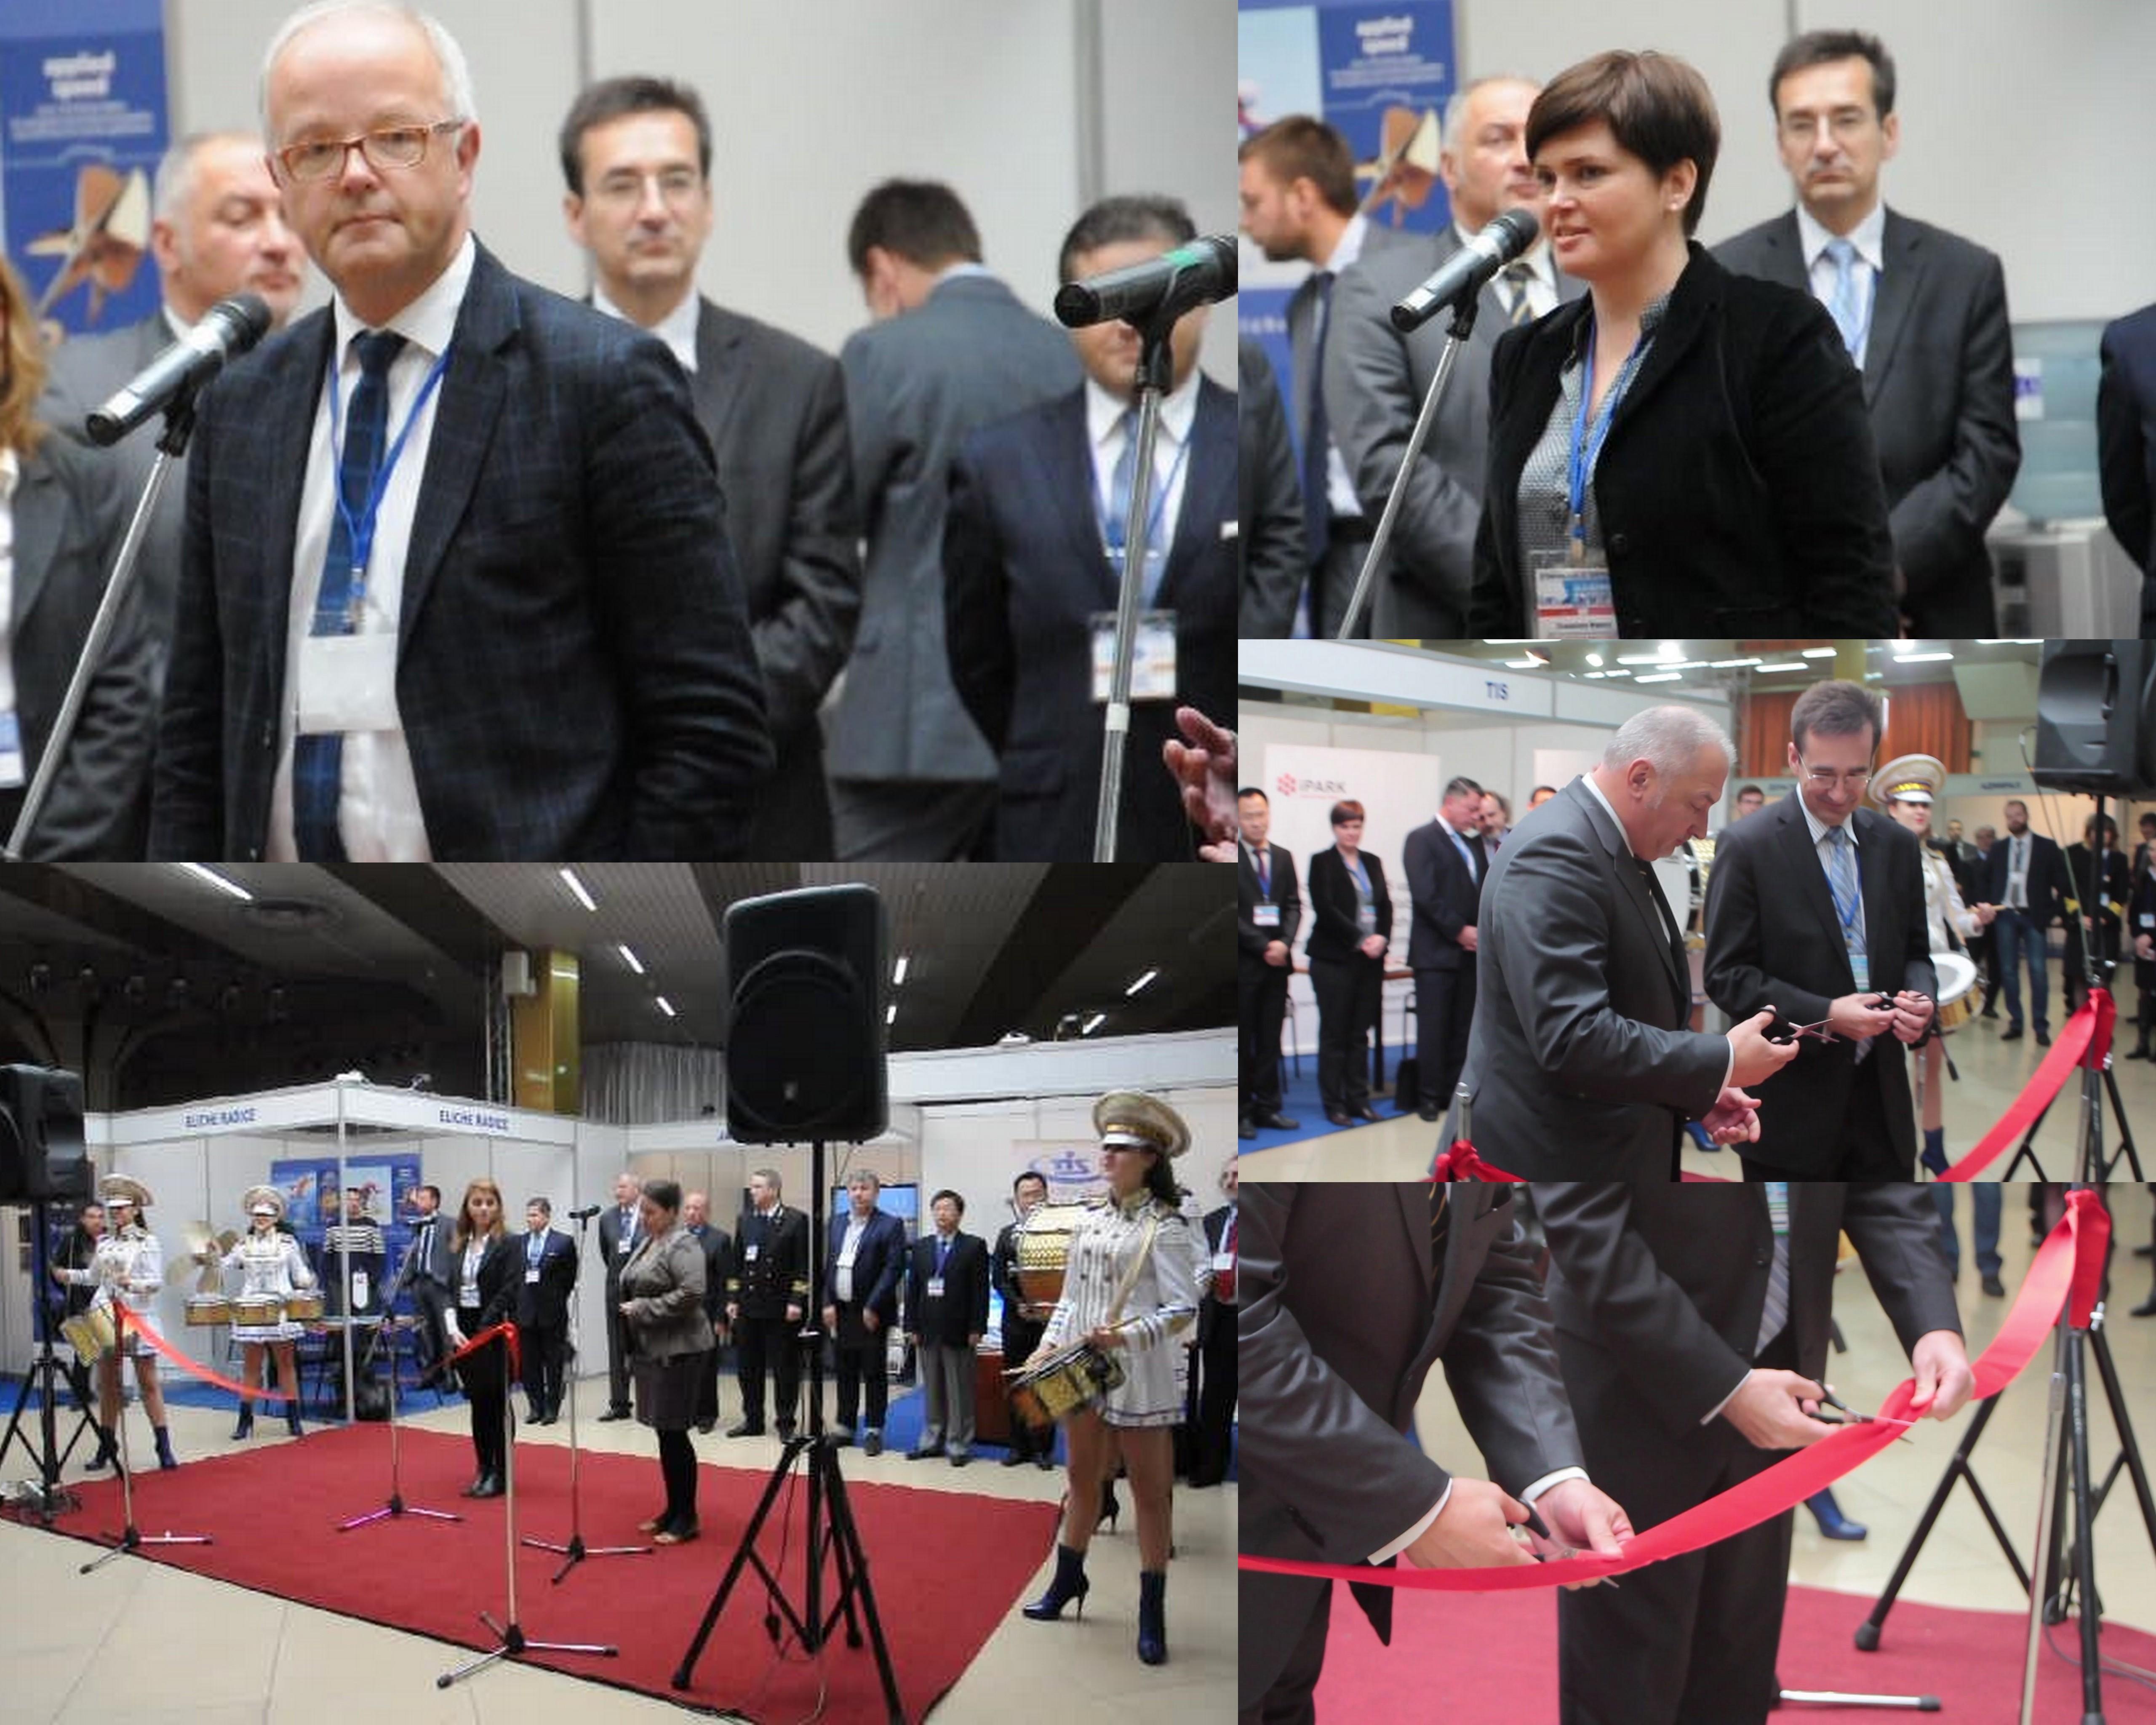 Международный Черноморский Транспортный Форум 2015 — место сбора профессионалов транспортной и морской отраслей.